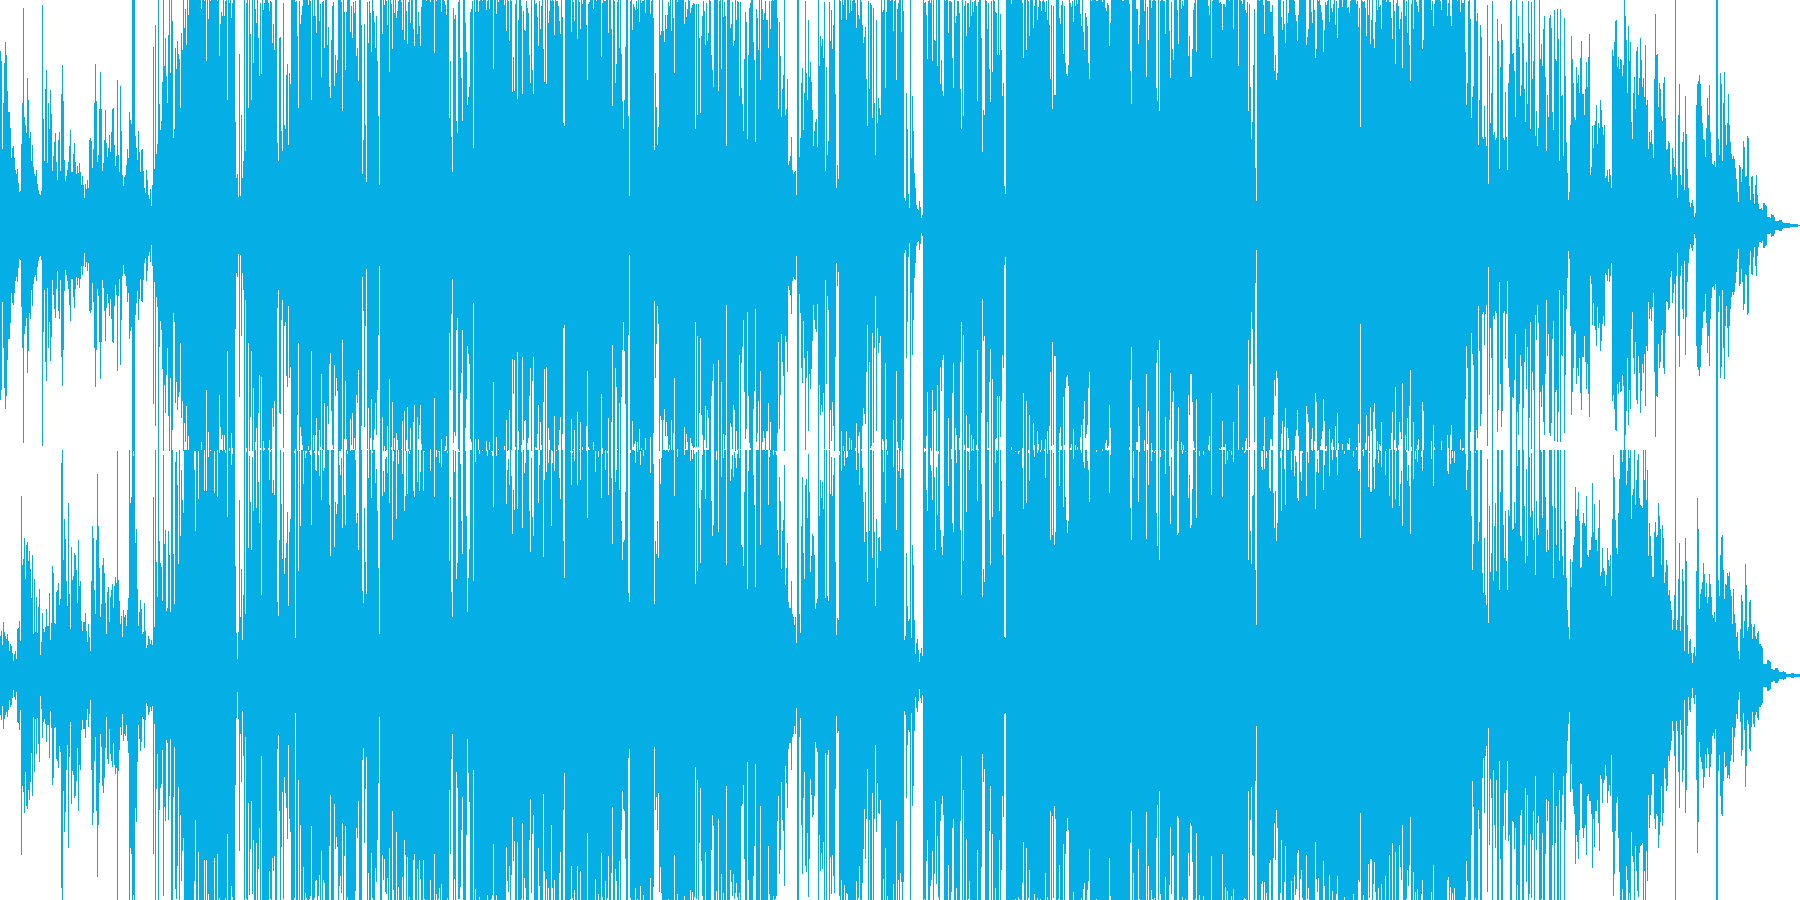 エレクトロニック 静か 楽しげ お...の再生済みの波形